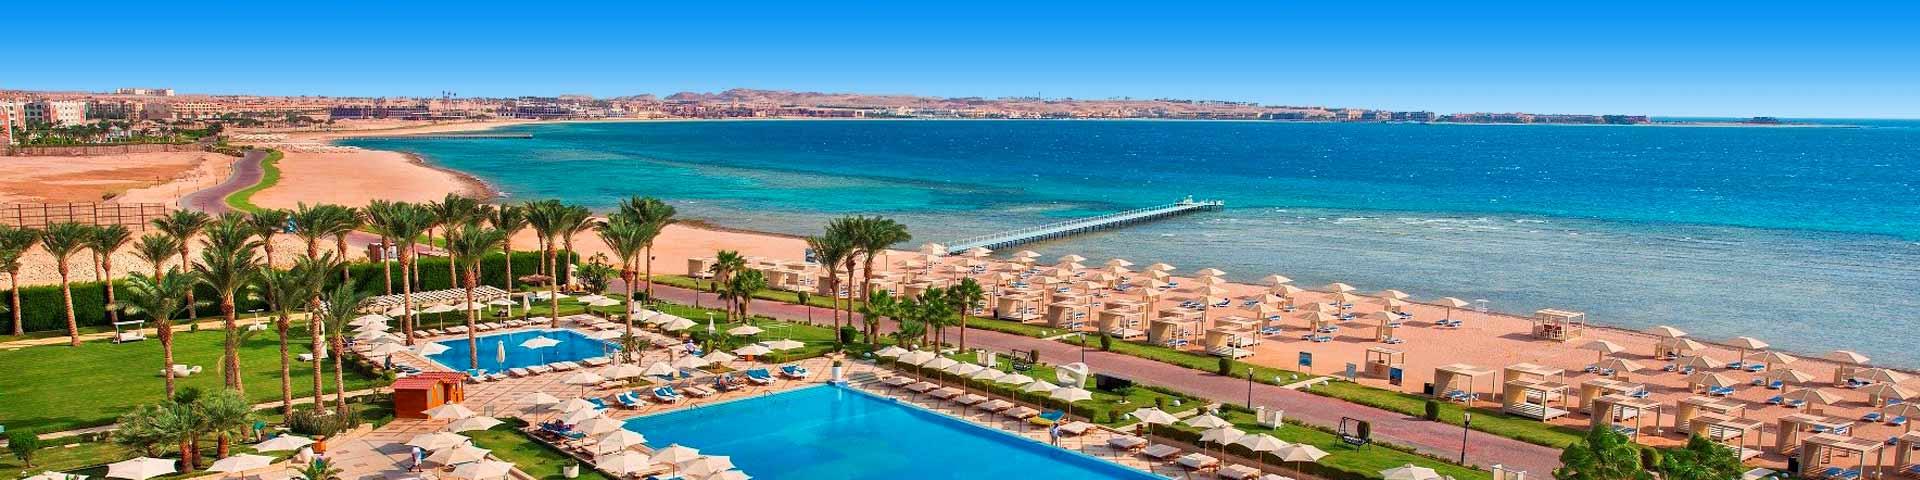 Aan het strand gelegen luxe adults only resort met zwembad en bali-bedden